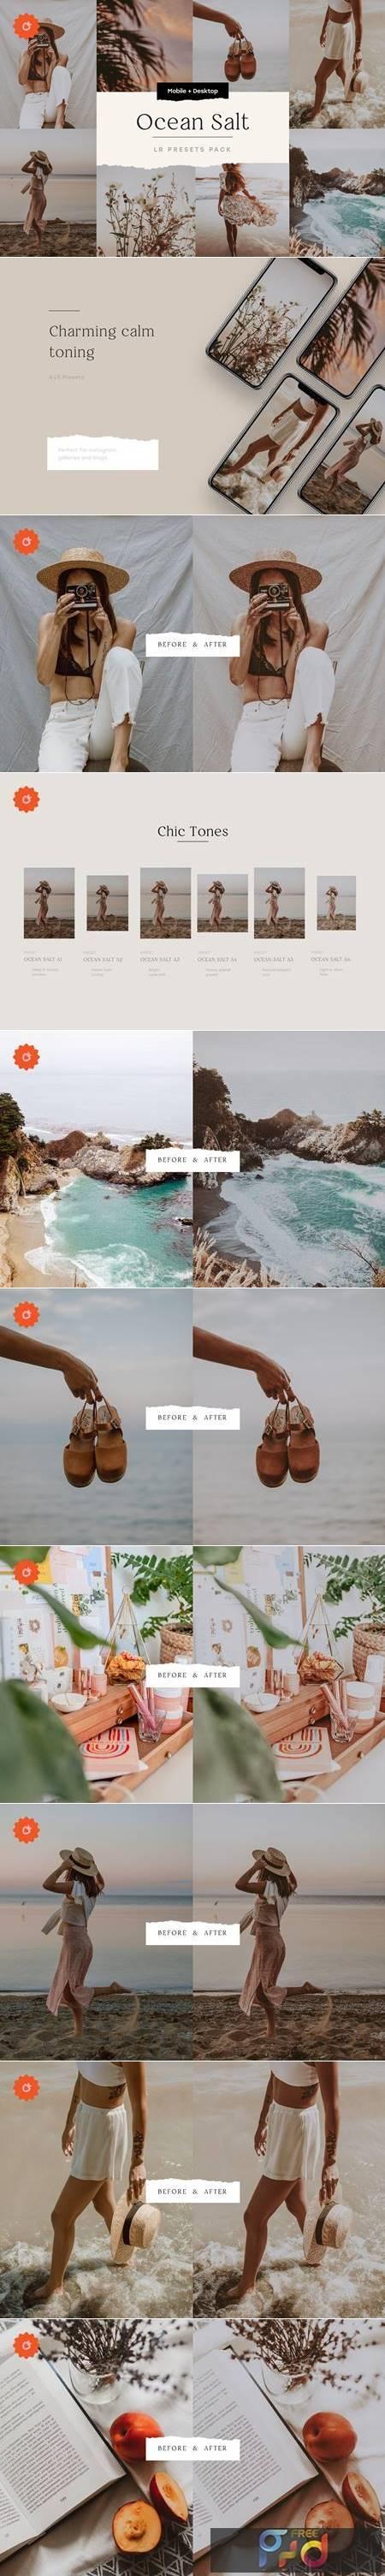 Ocean Salt – 6 Lightroom Preset Pack 5212710 1